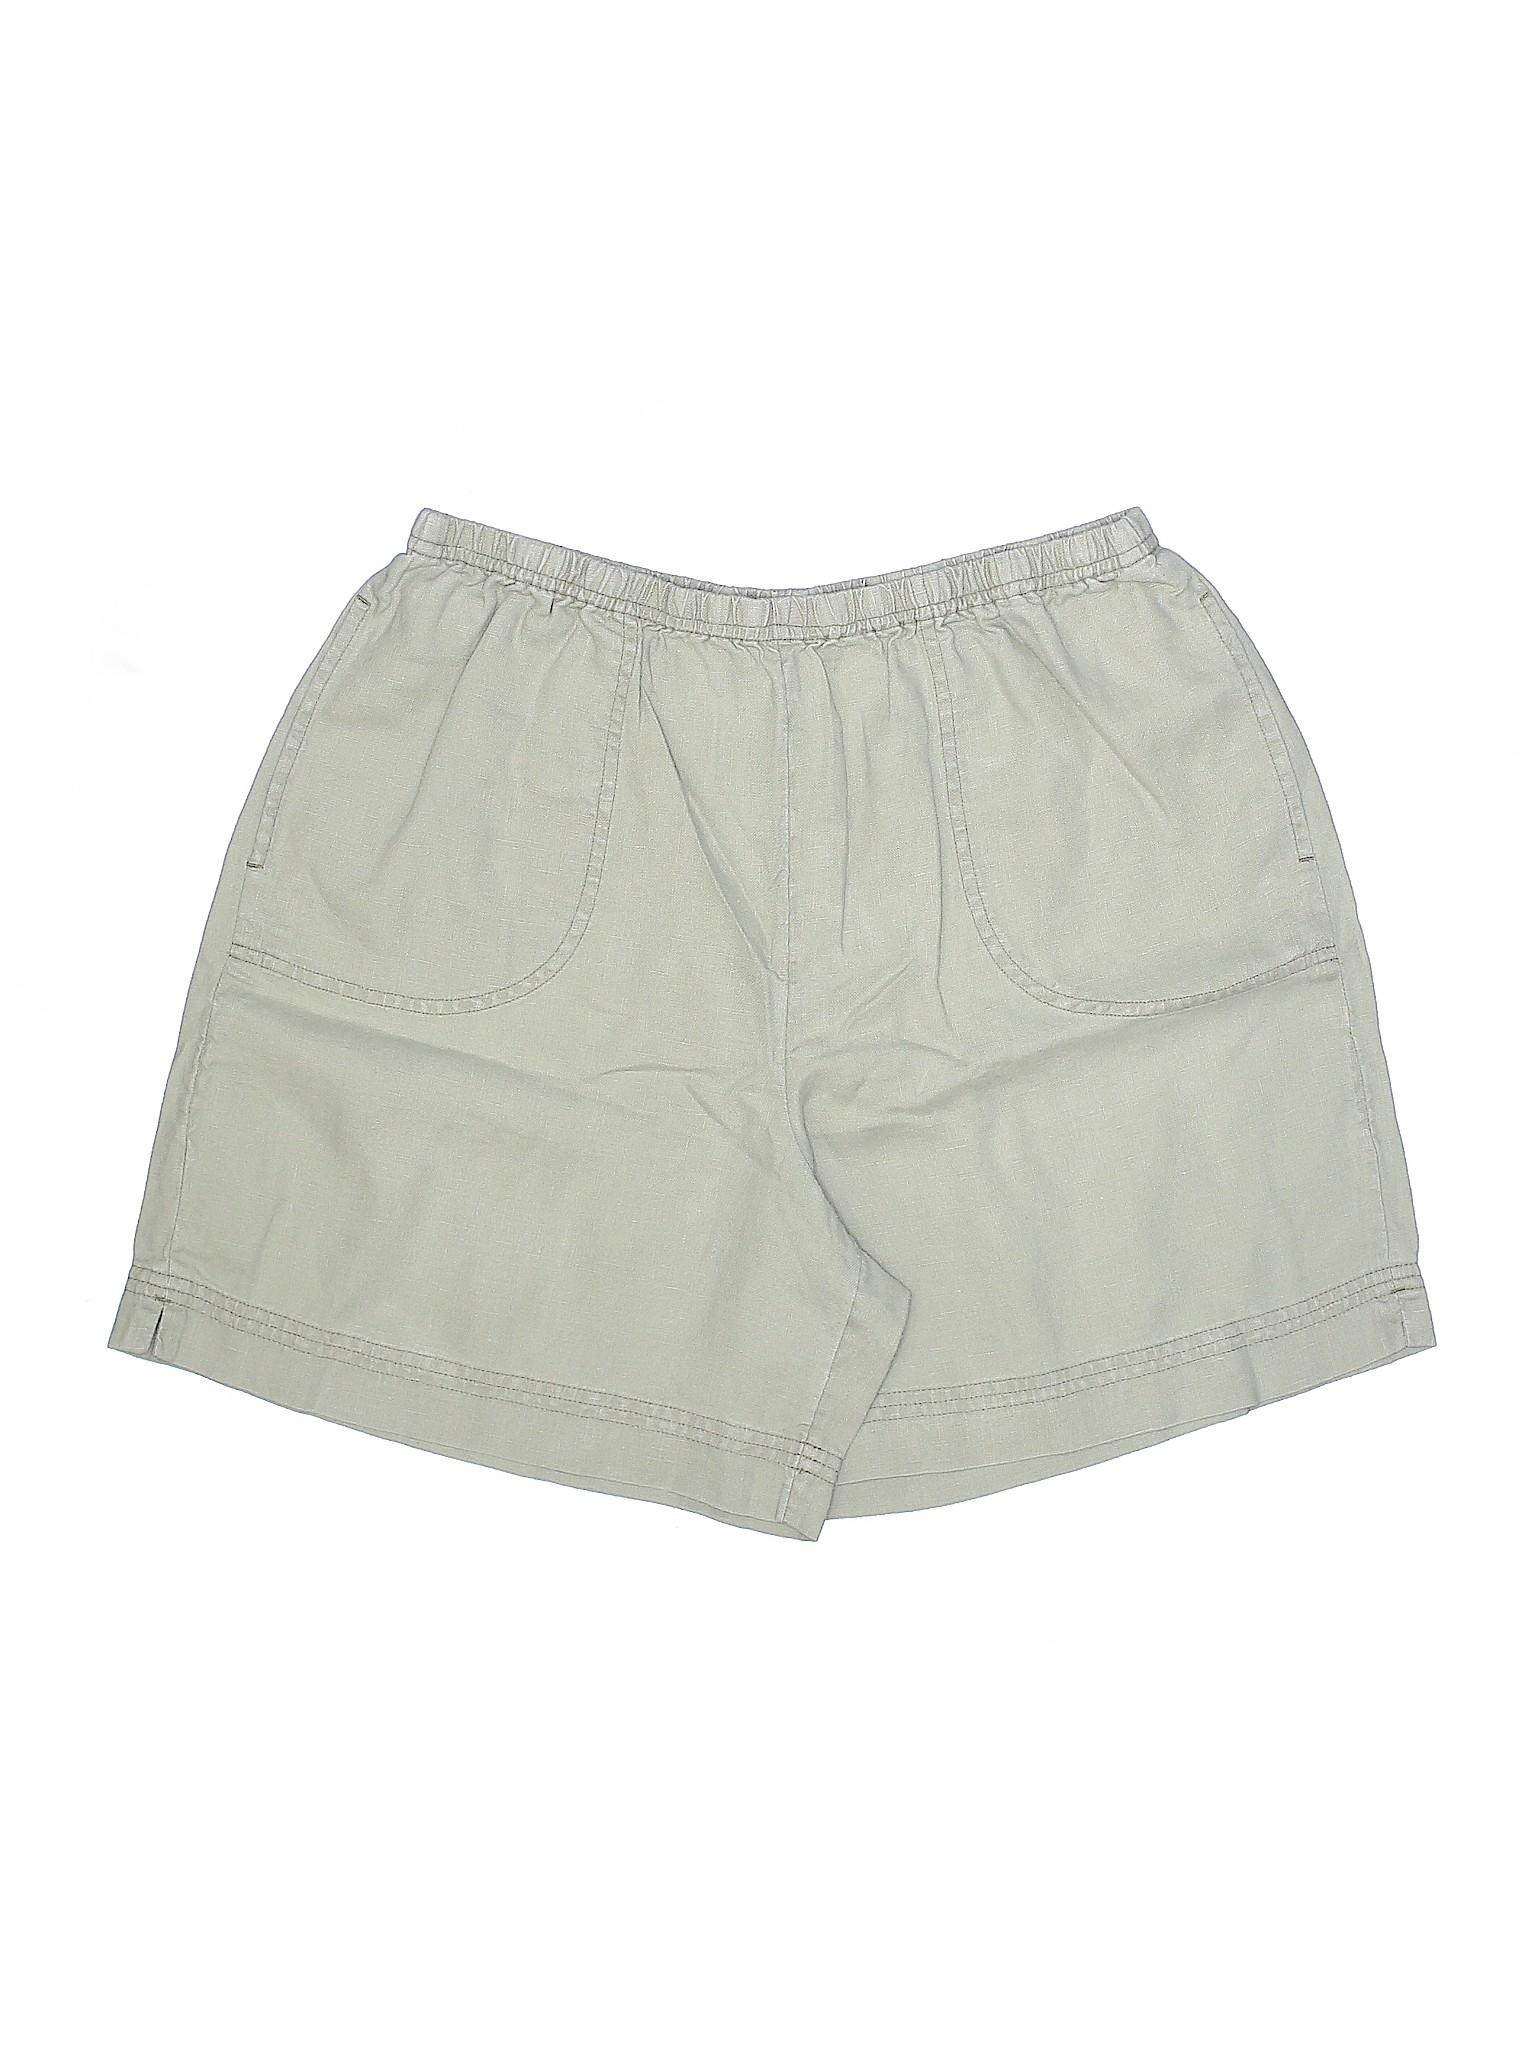 Shorts Boutique Boutique jill J J wIqgdg6